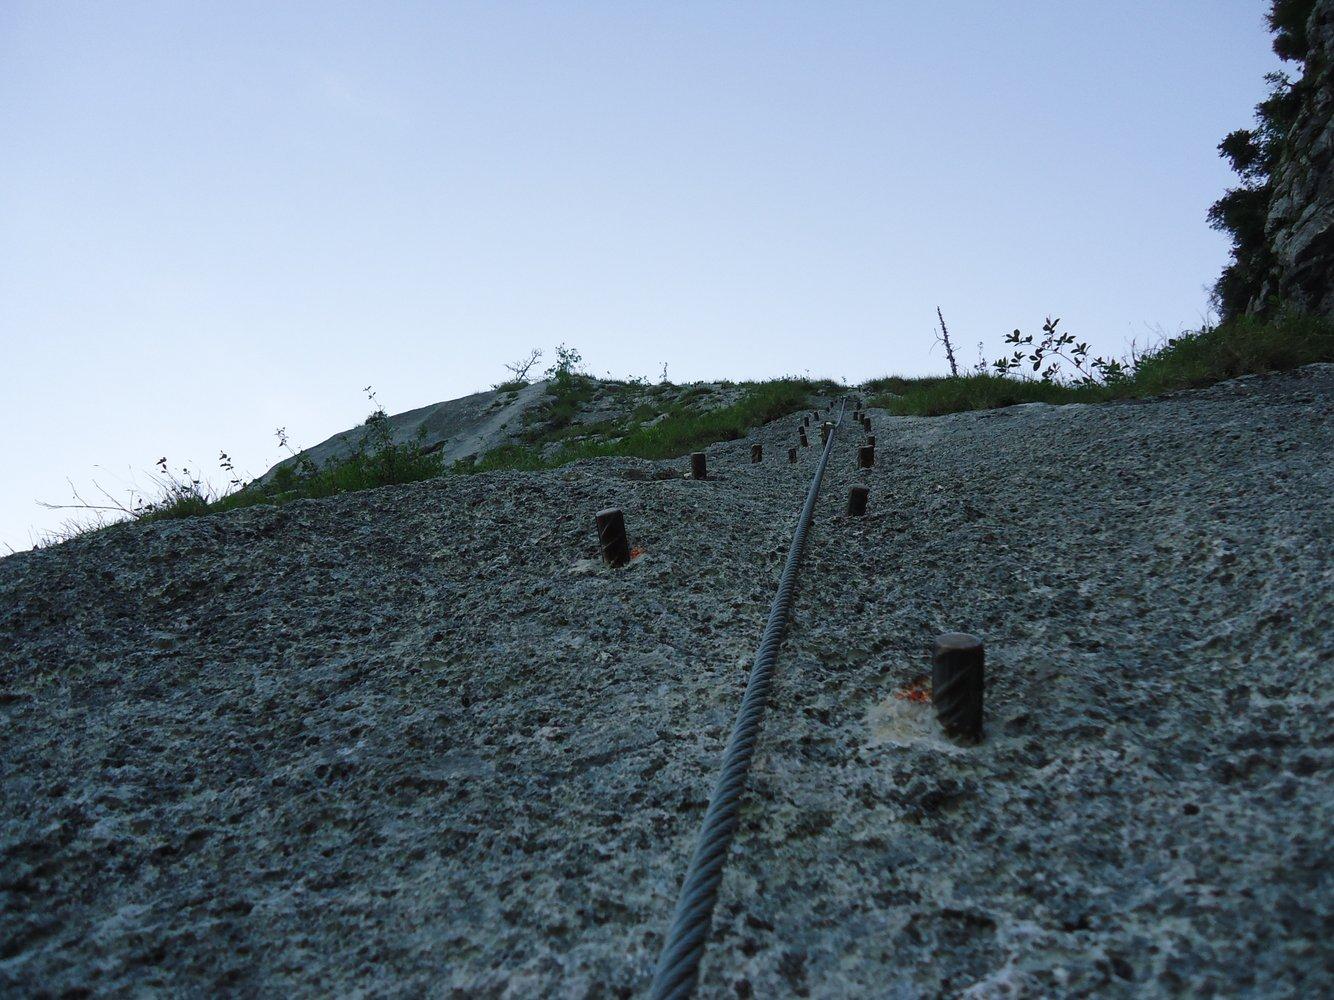 Klettersteig Attersee : Geführter attersee klettersteig salzburg adventures